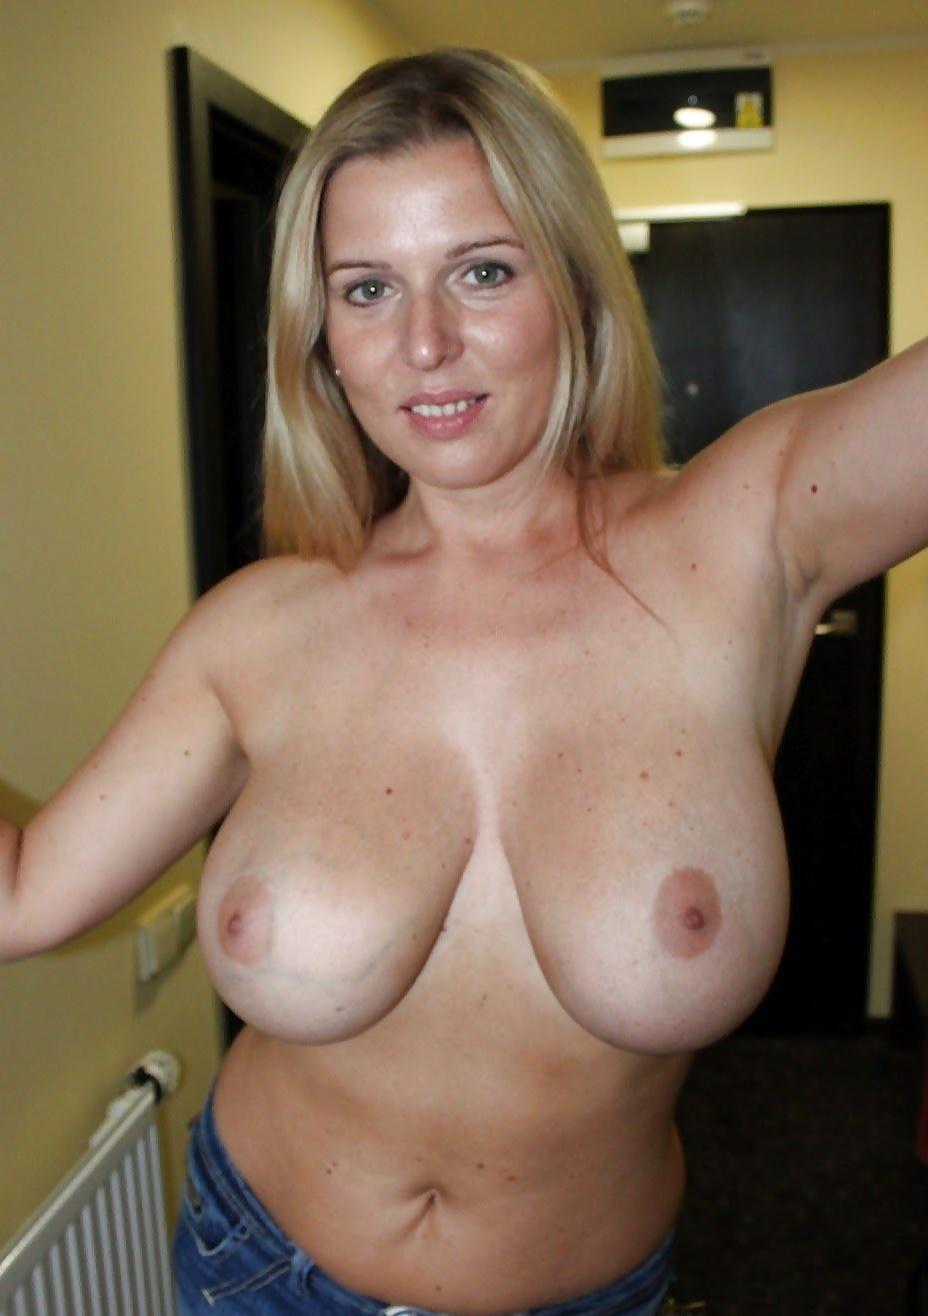 Bröst i varje position, heta sexiga nakenstudier